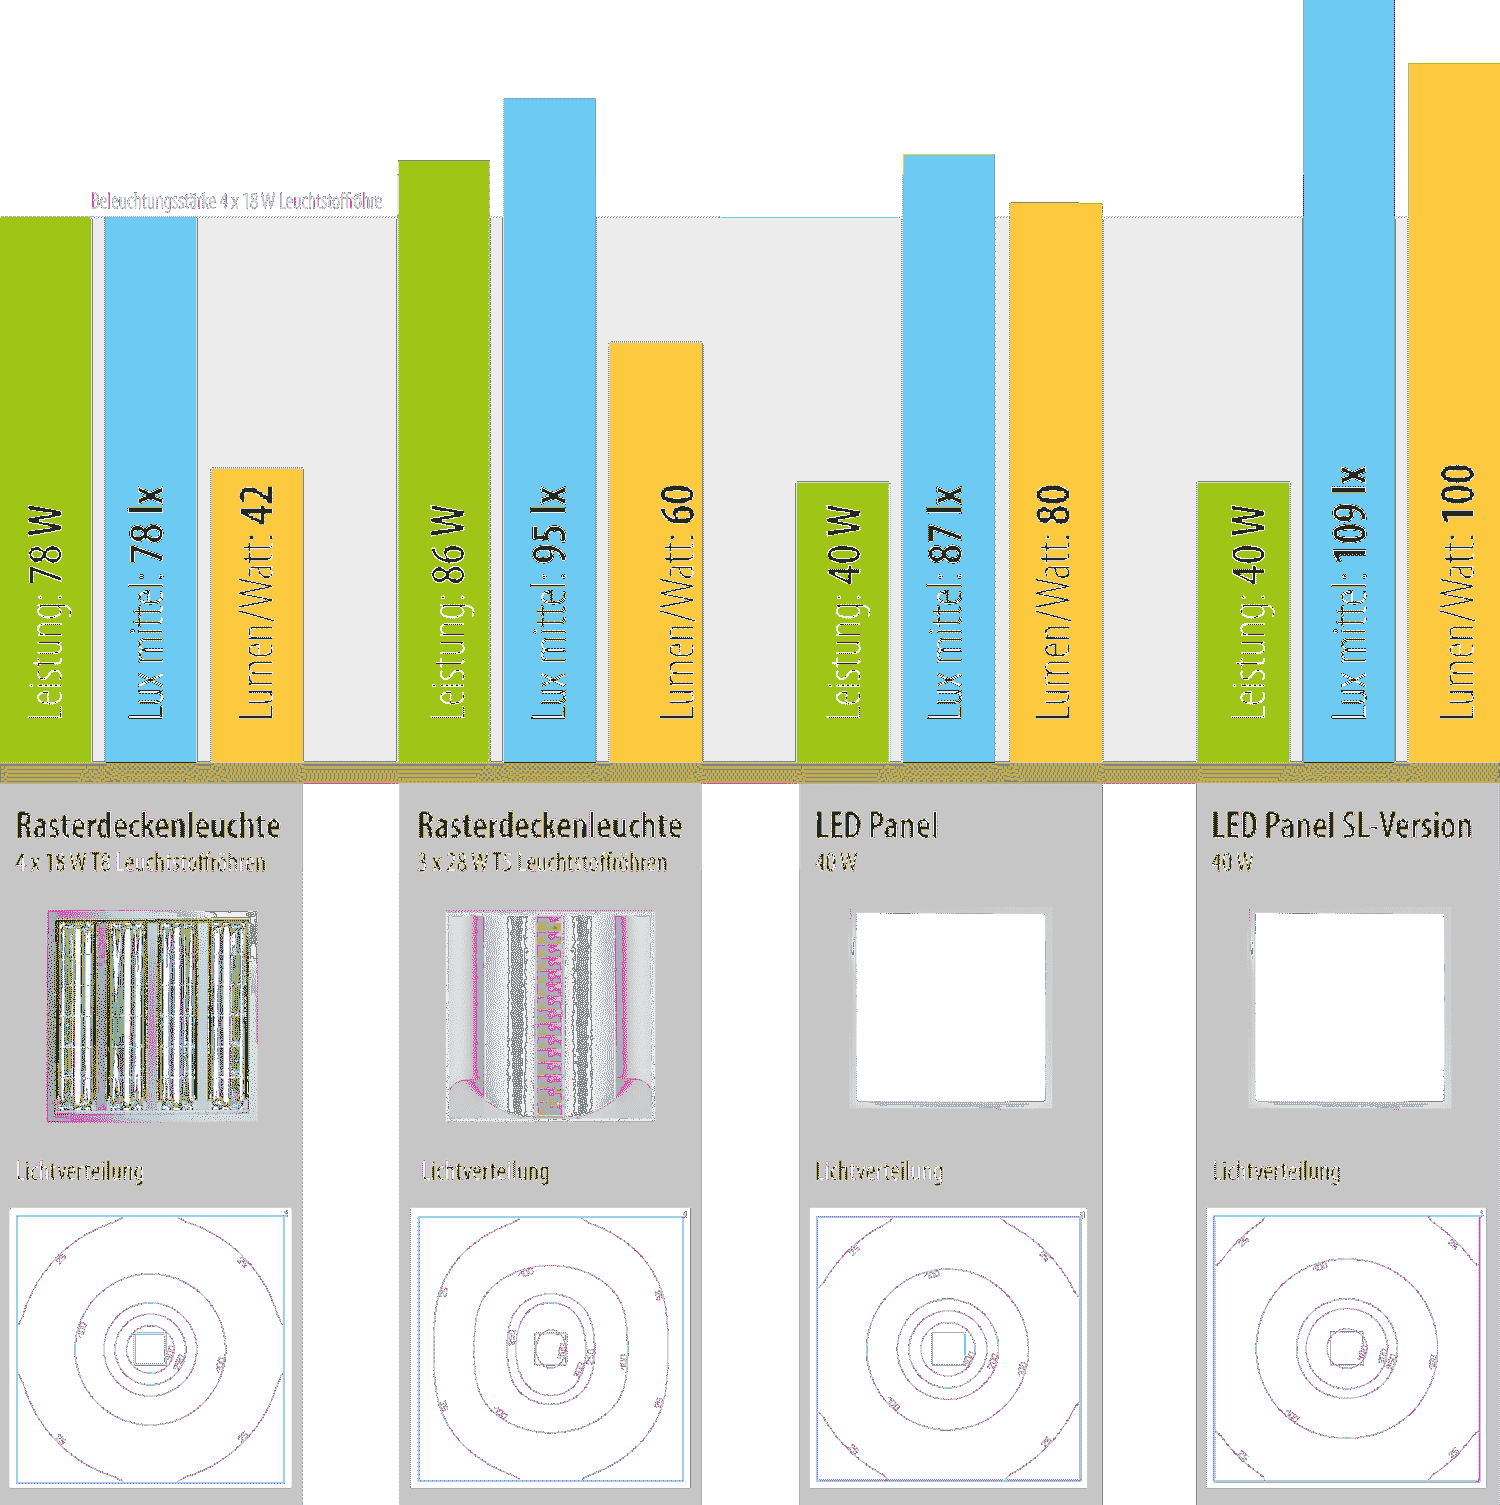 Konzept Vergleich Rasterdeckenleuchten